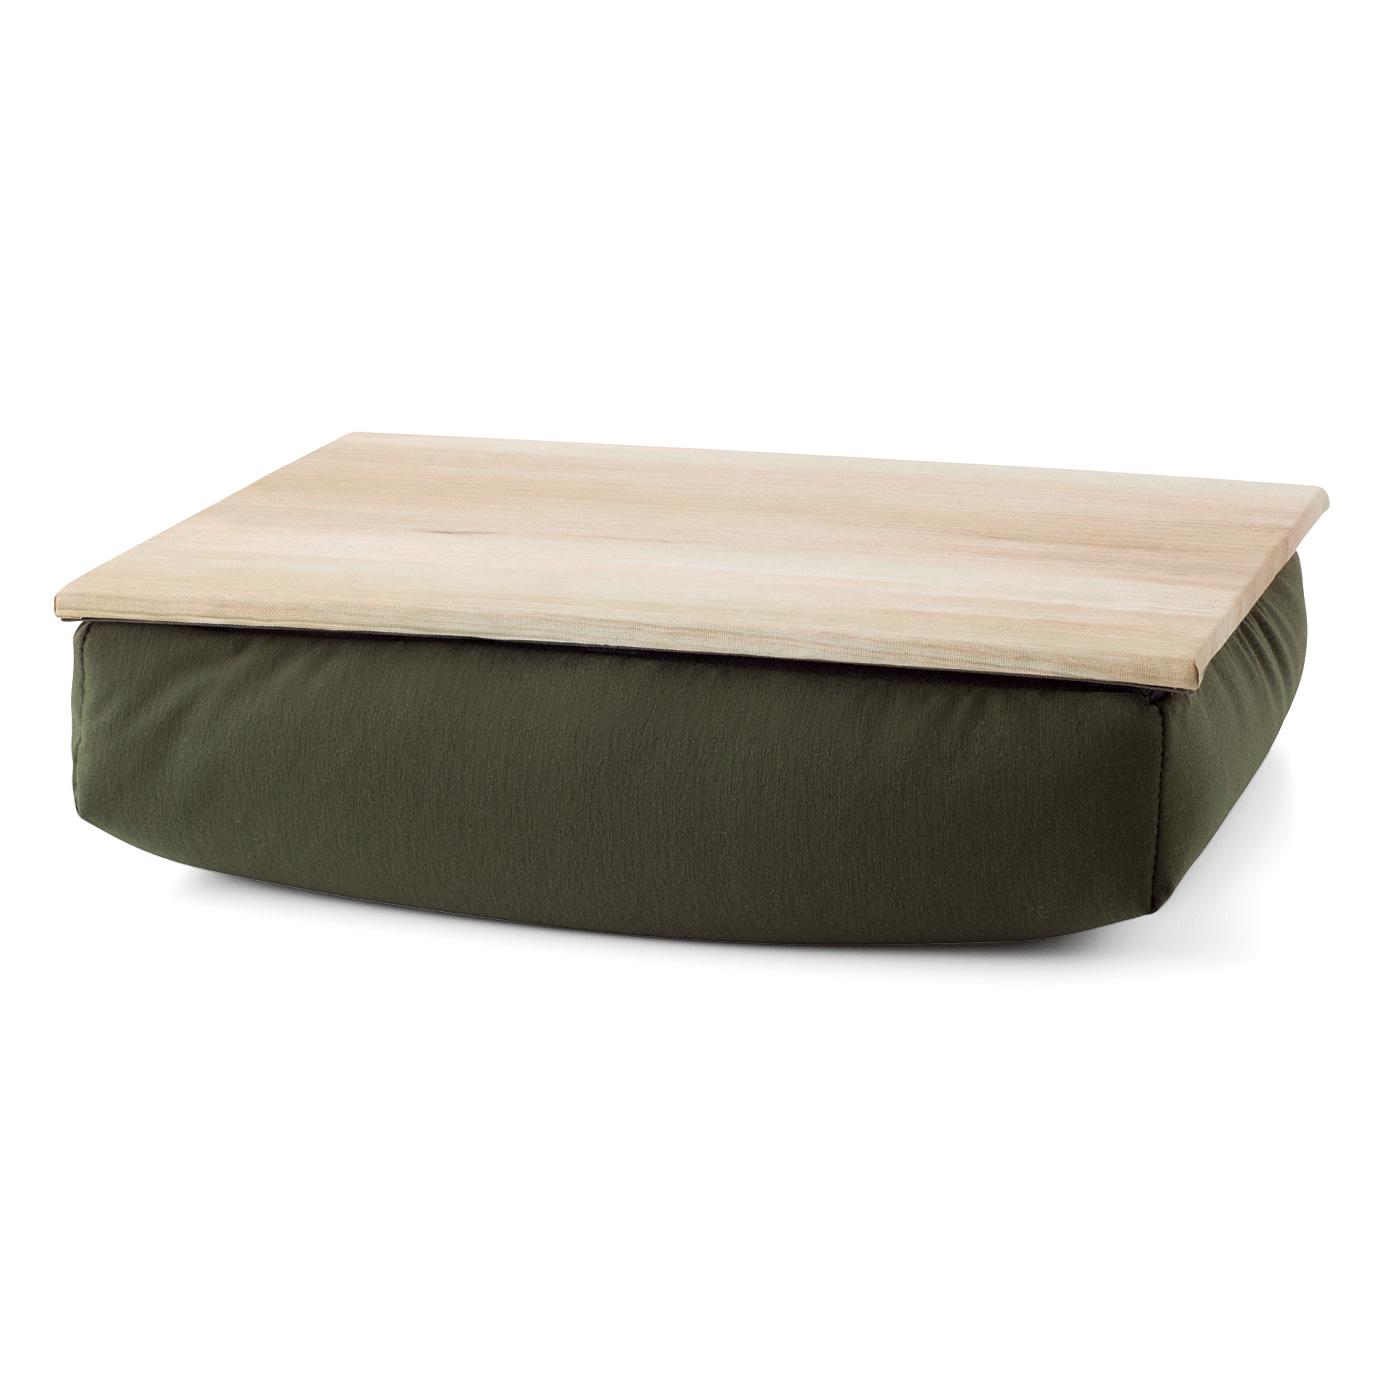 床でもひざの上でもちょっとしたマイテーブルができちゃう。